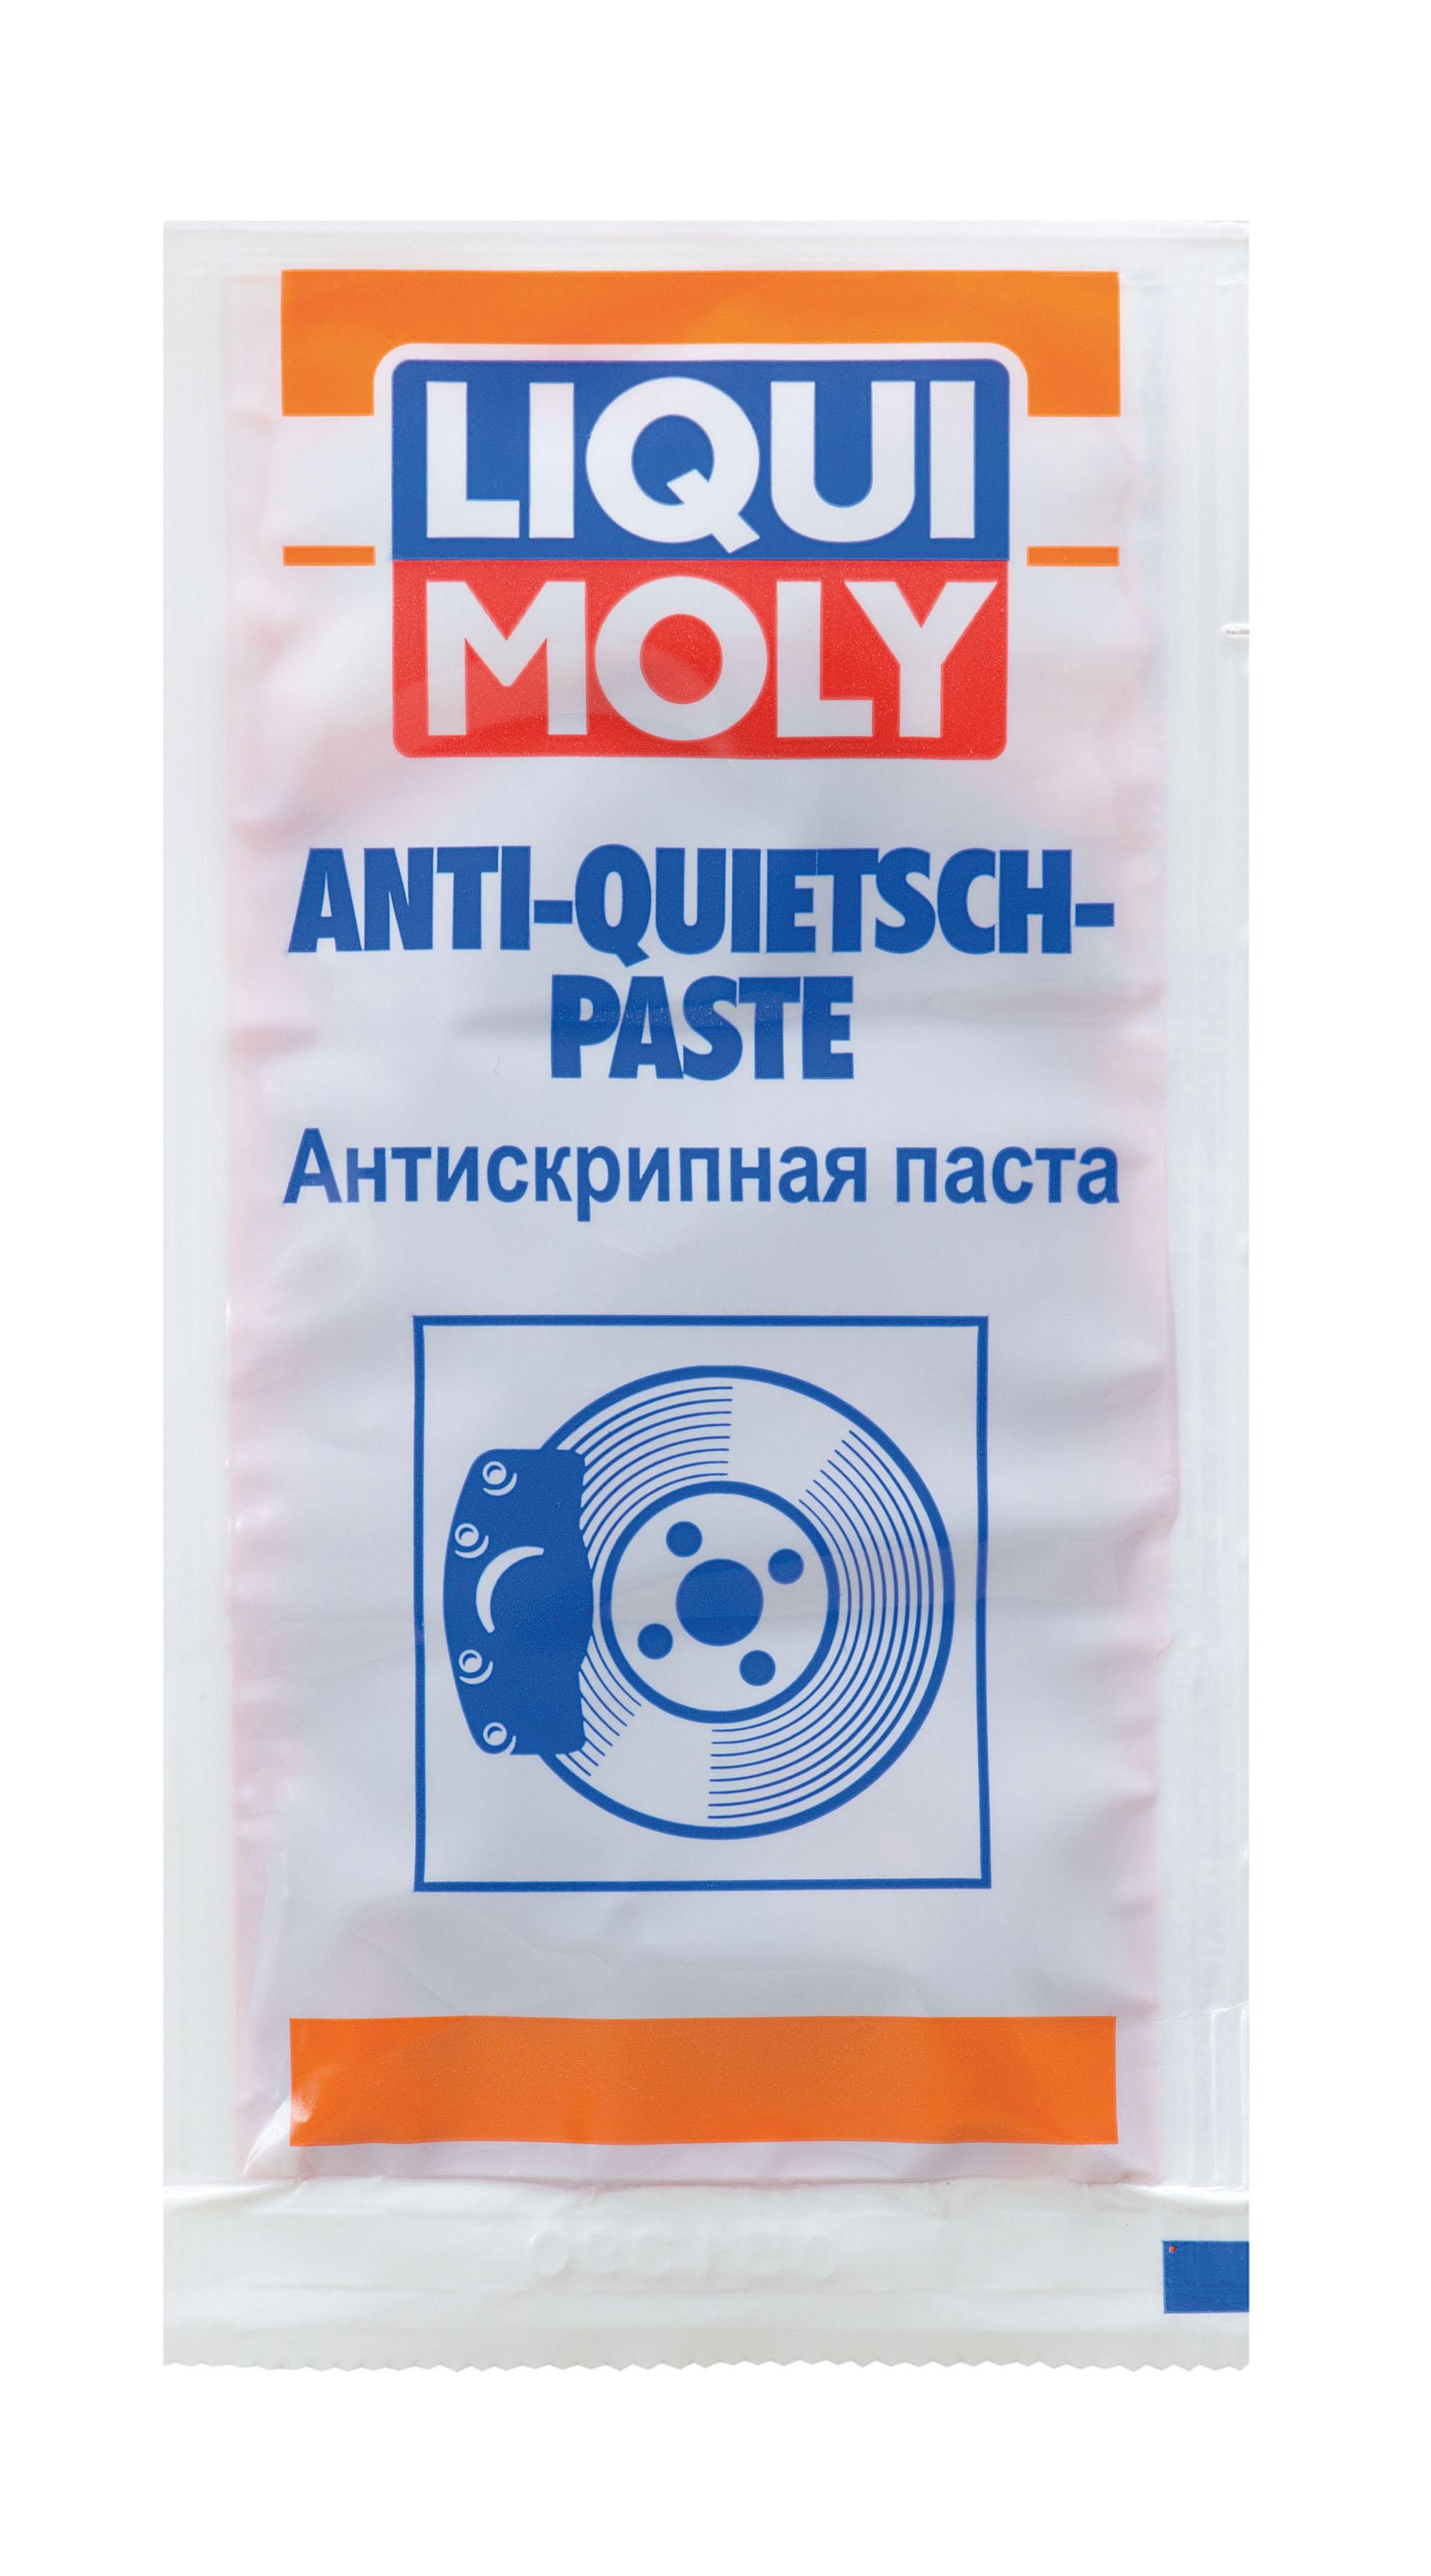 Антискрипная паста Anti-Quietsch-Paste